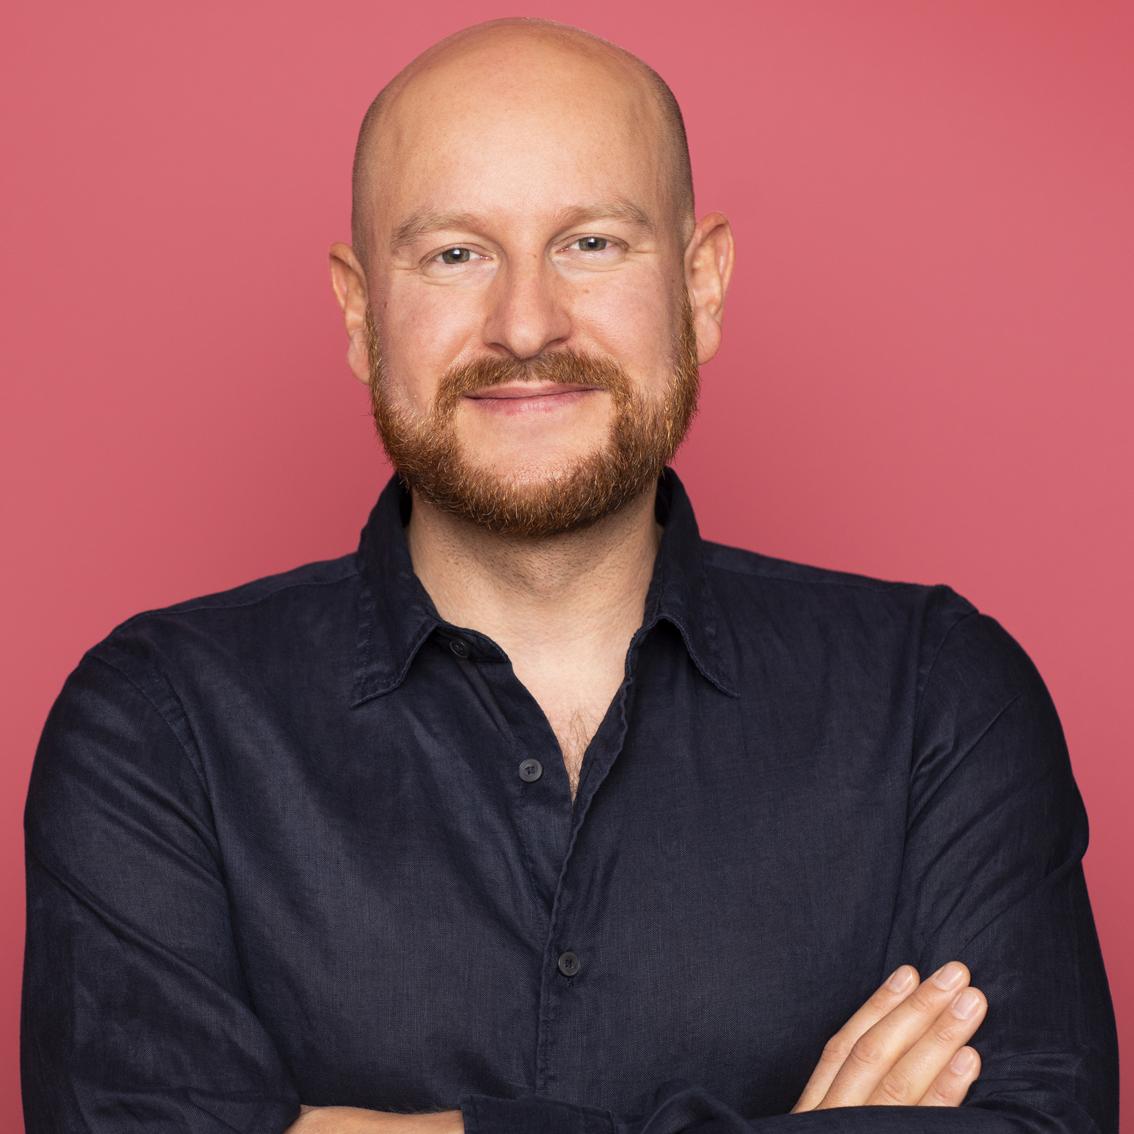 Michael Hetzinger